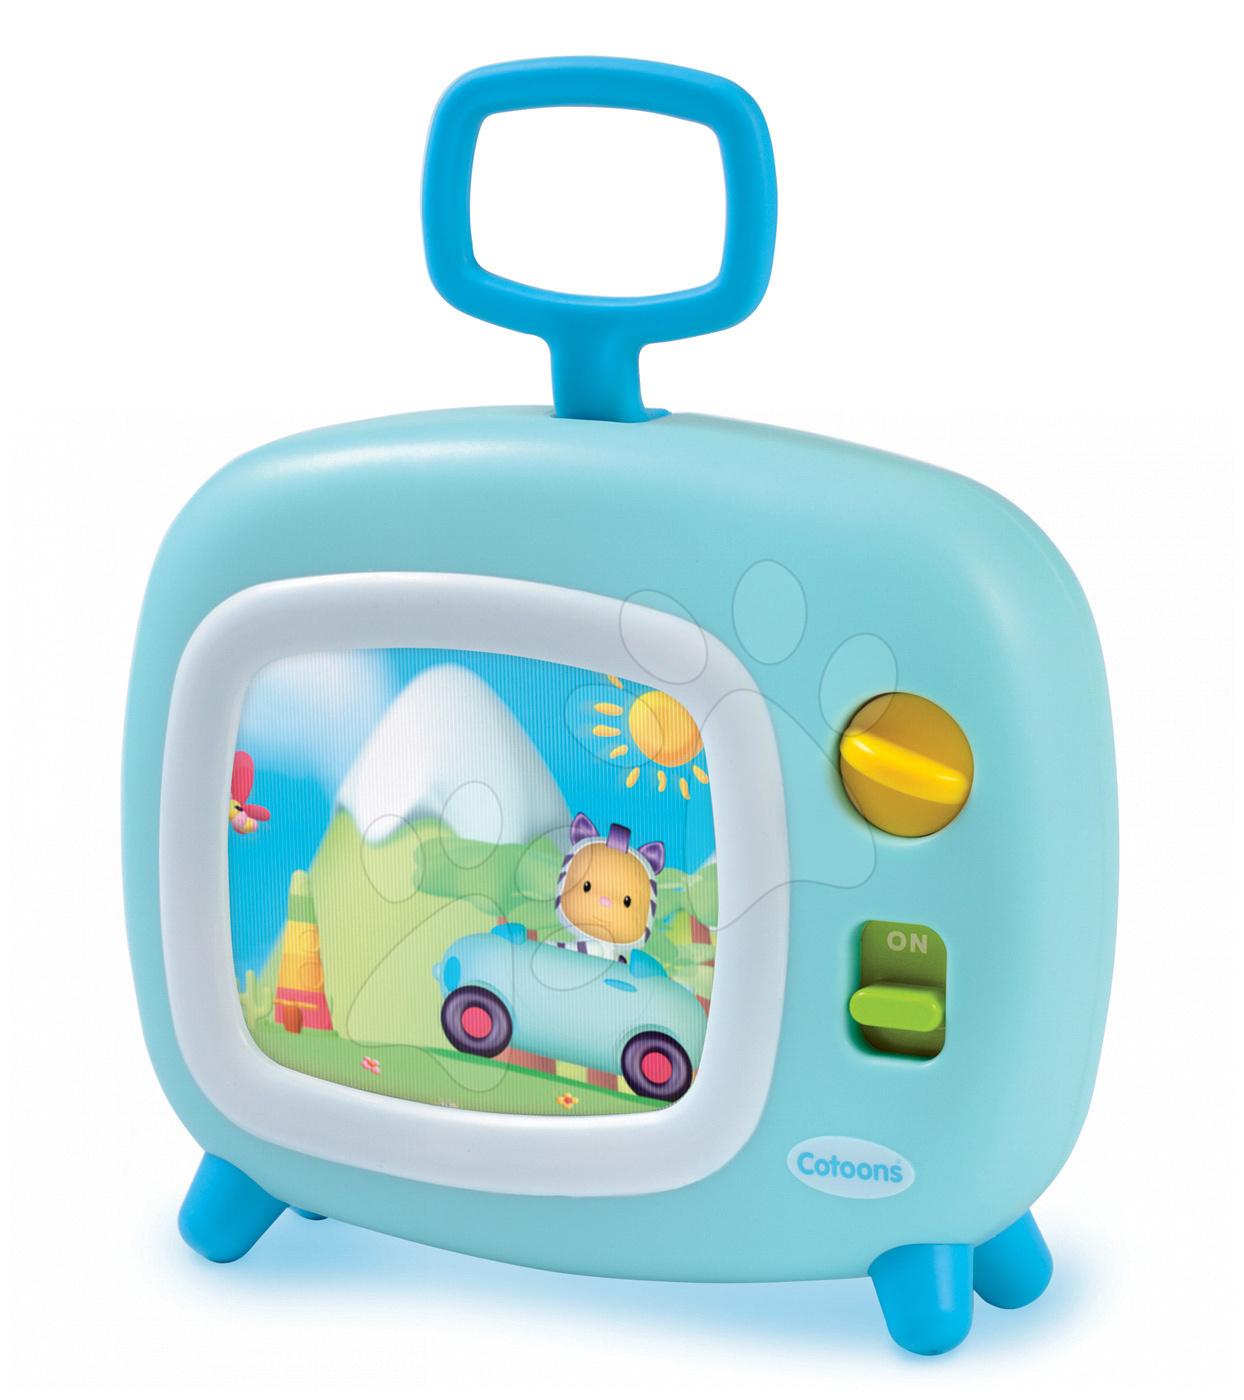 Televizor Cotoons Smoby s hudbou pro kojence světle modrý